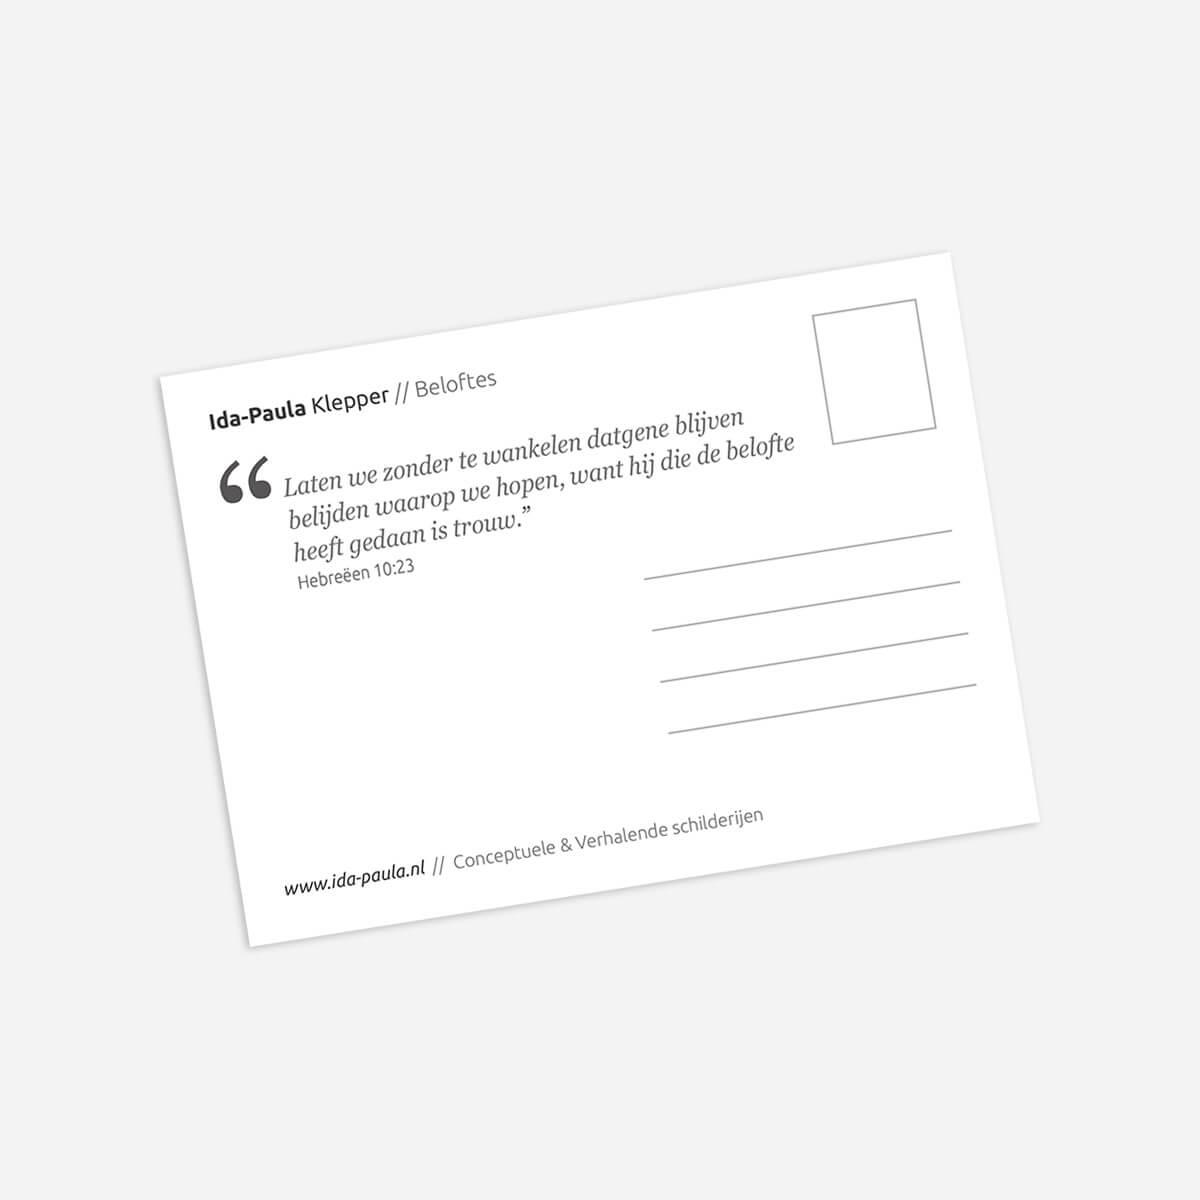 Ansichtkaart 'Beloftes'